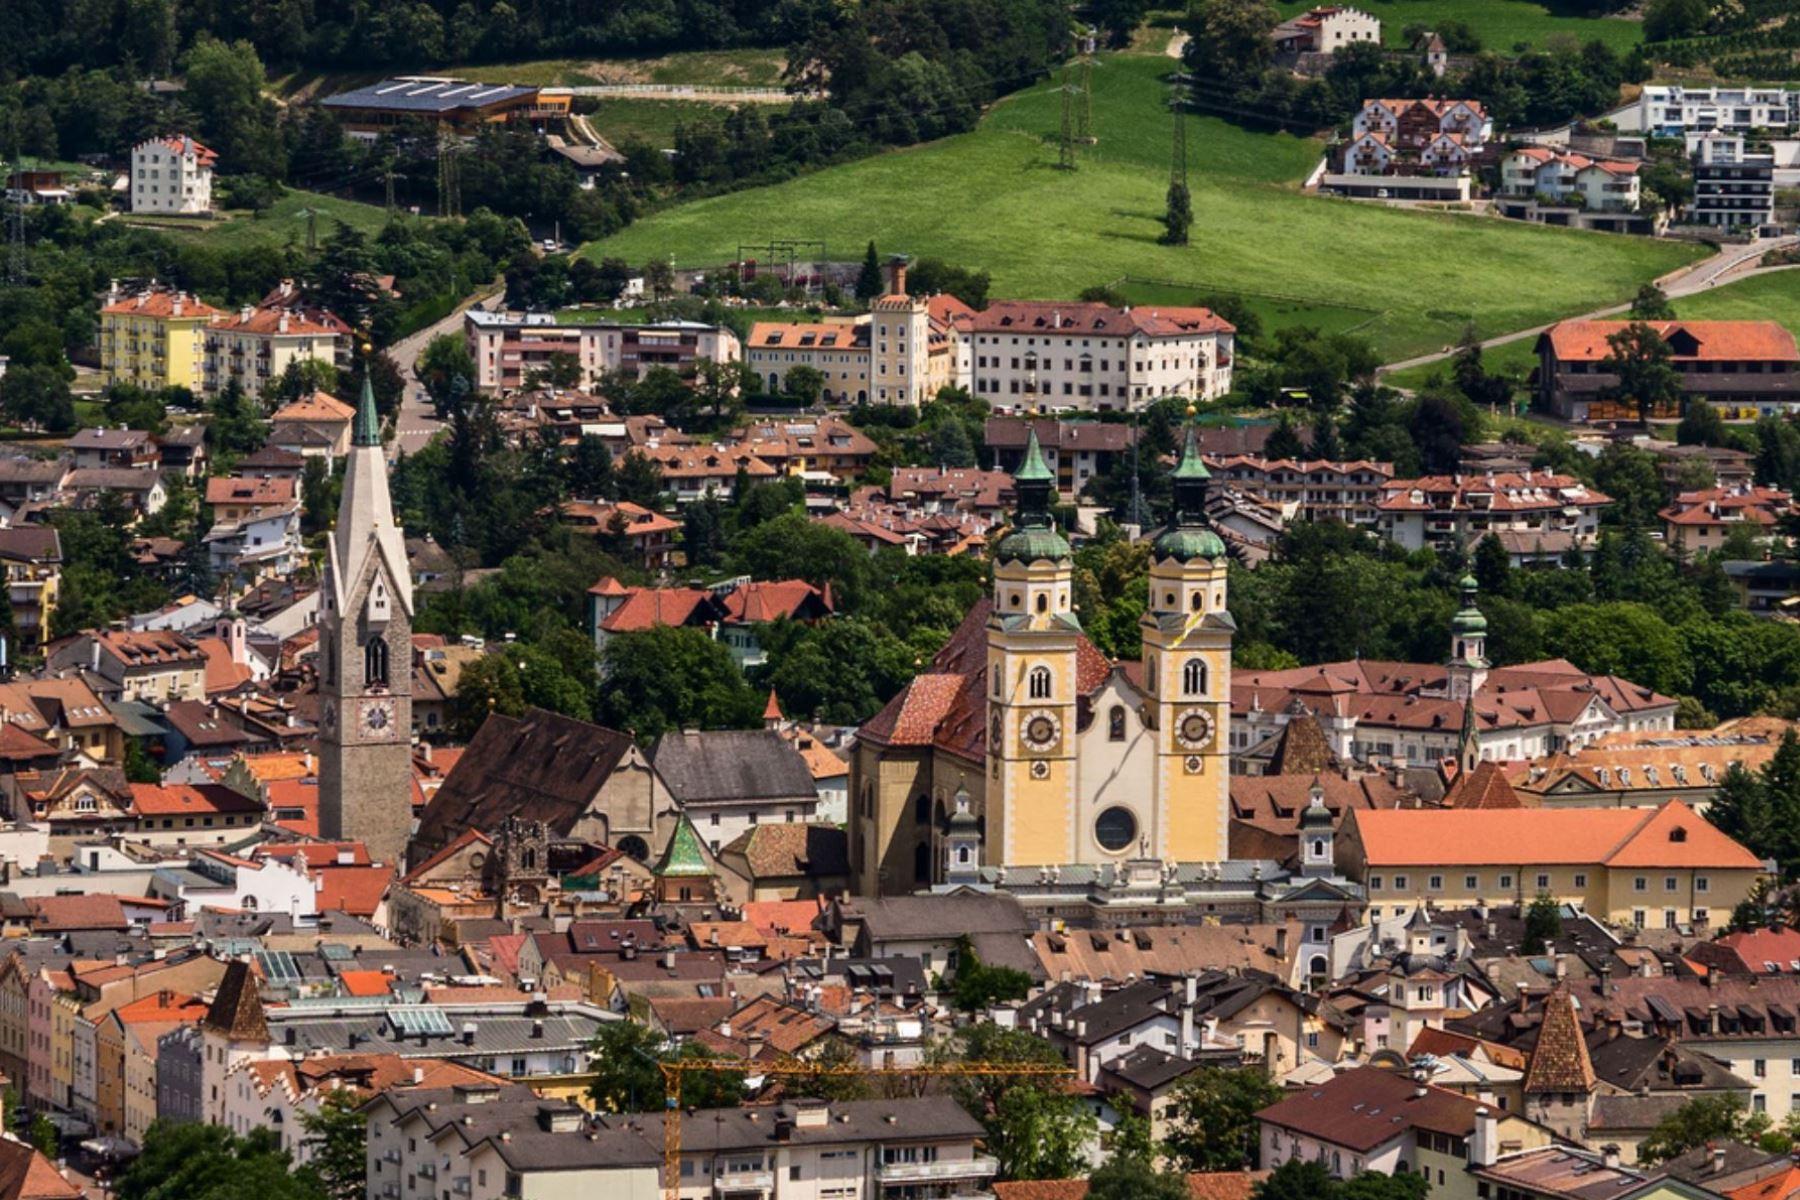 Brixen: Zweifelhafte Argumente gegen F-Antrag zur Raumordnung